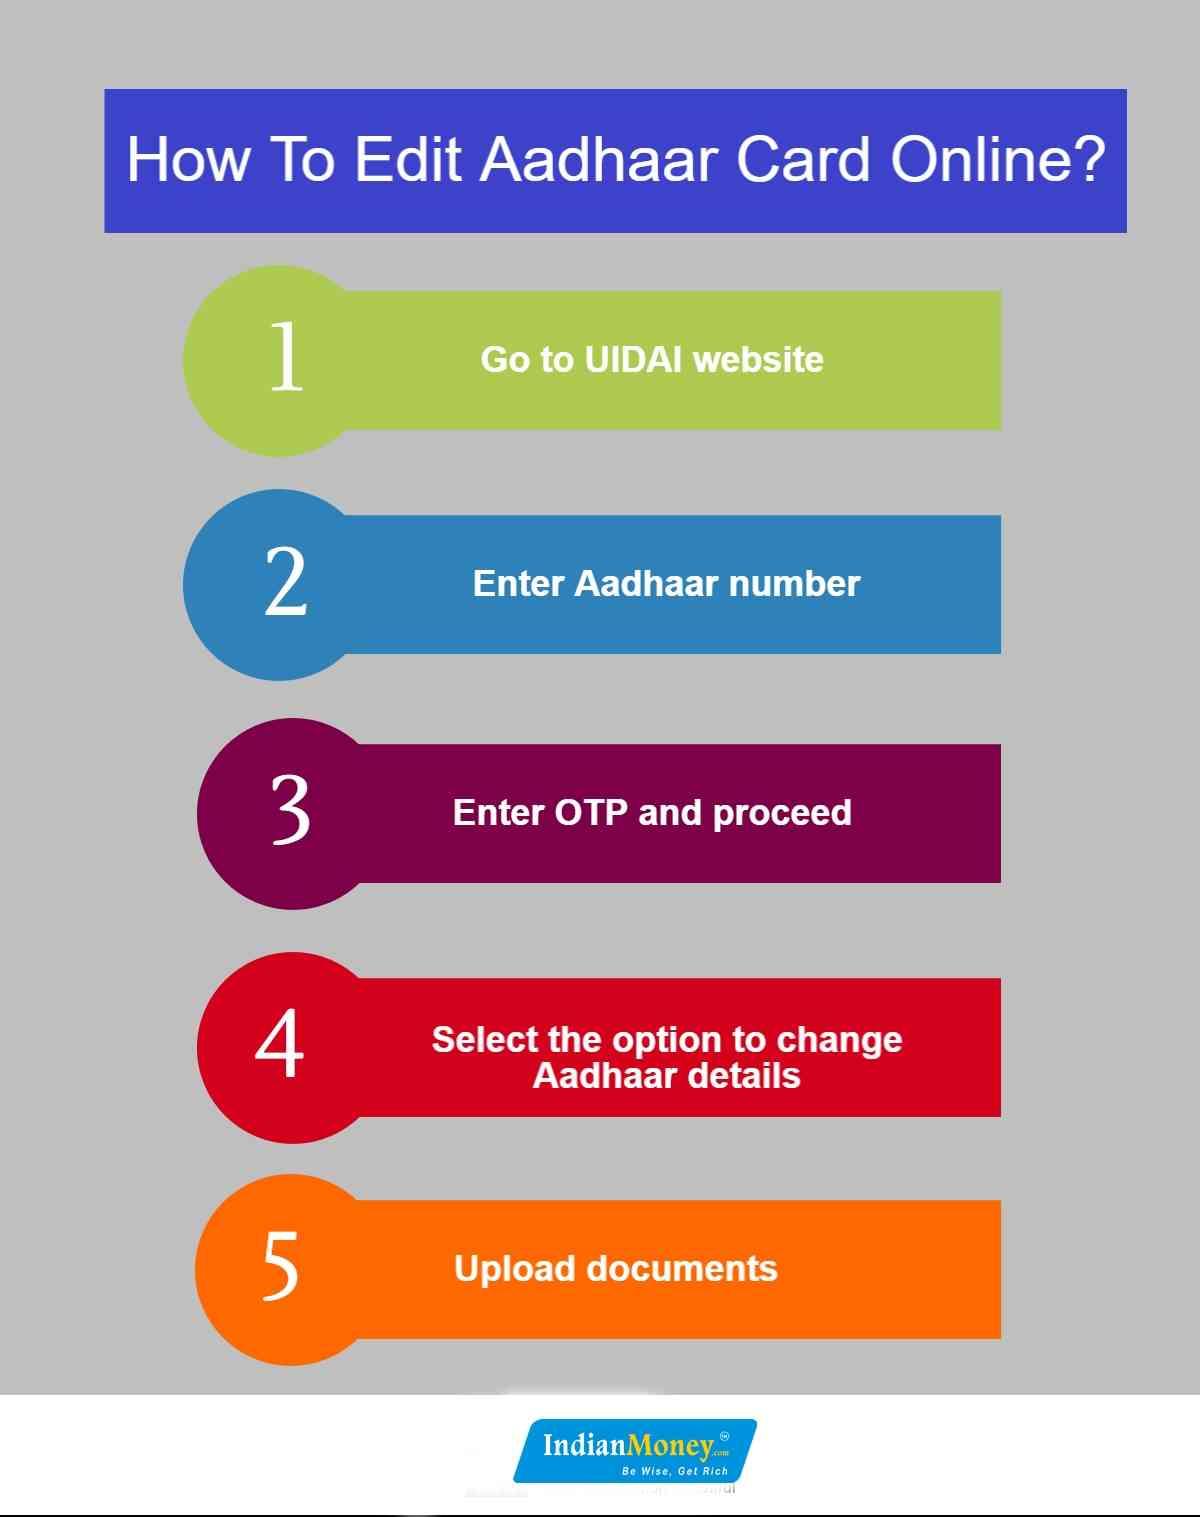 IndianMoney | How To Edit Aadhaar Card Online?